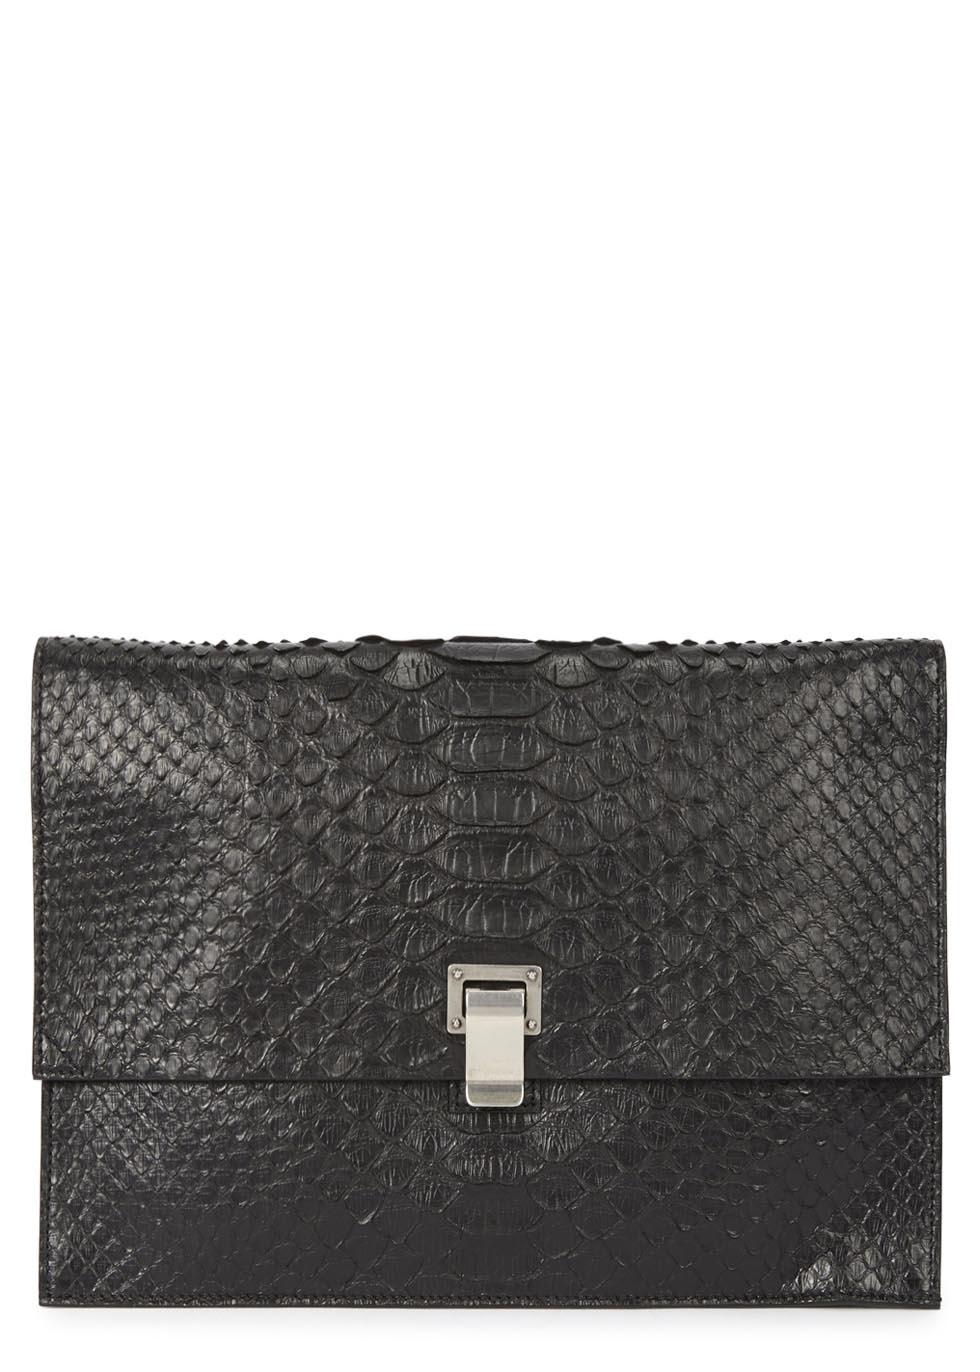 lunch bag large python clutch. Black Bedroom Furniture Sets. Home Design Ideas